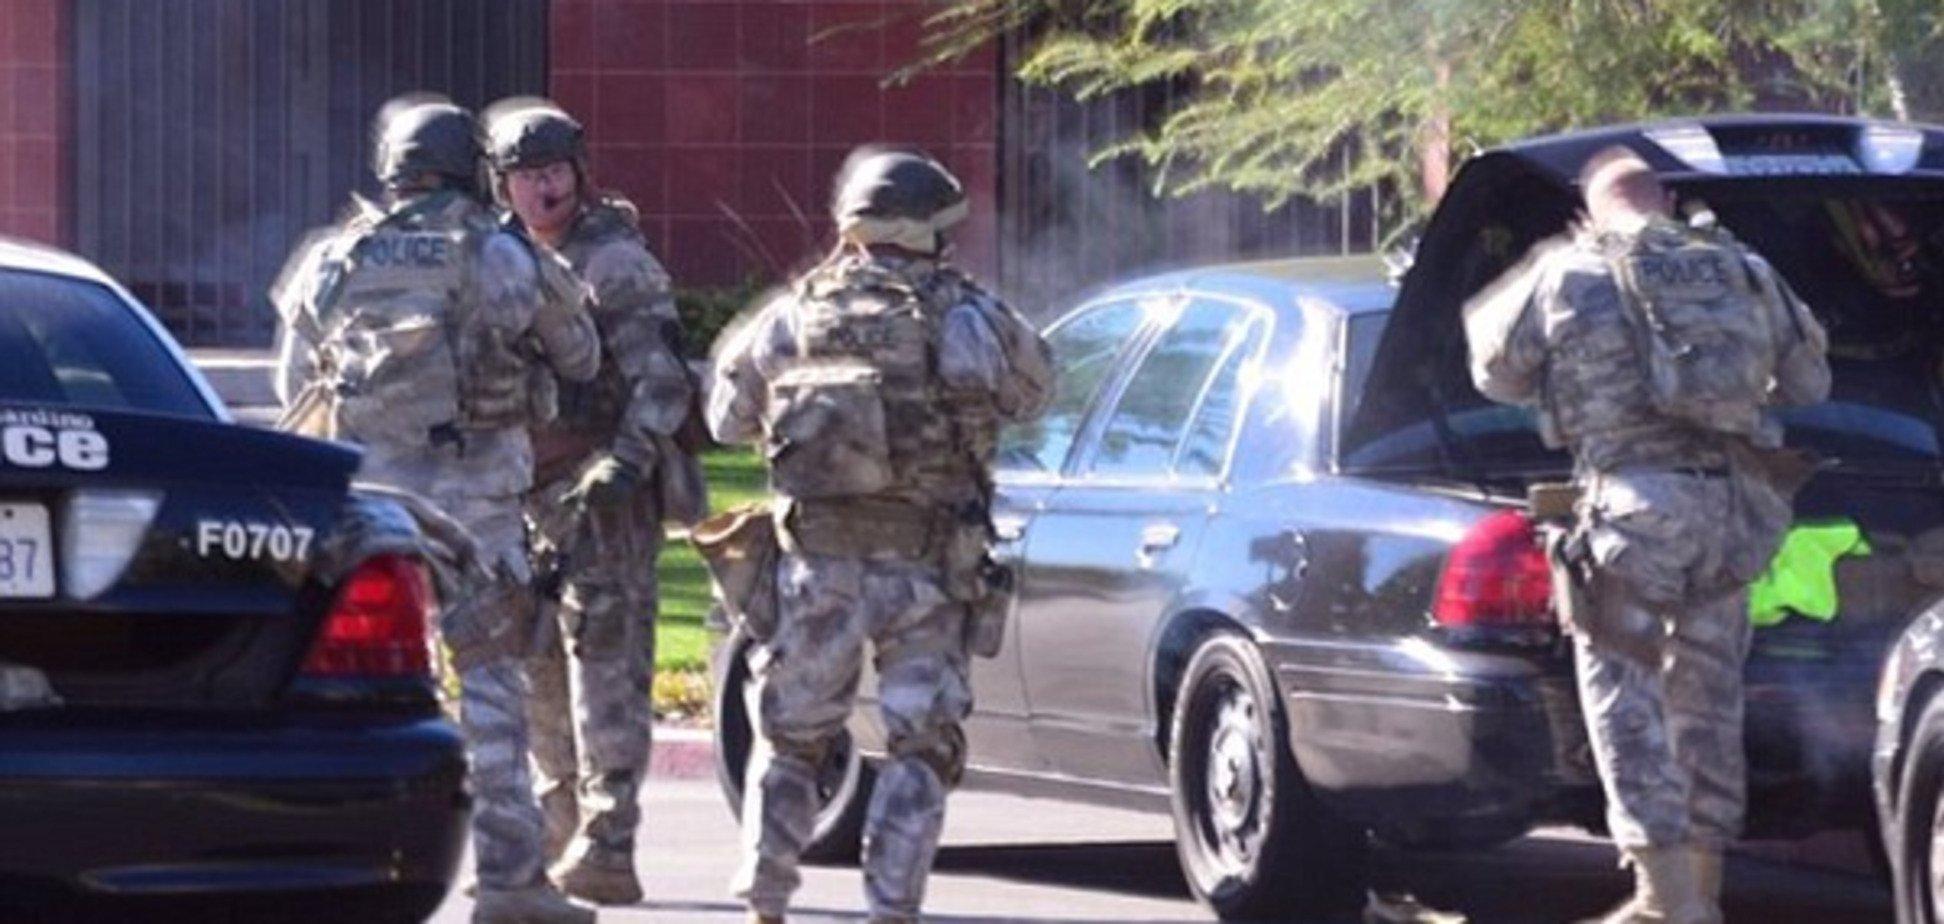 Стрілянина в Каліфорнії: всі подробиці, фото і відео